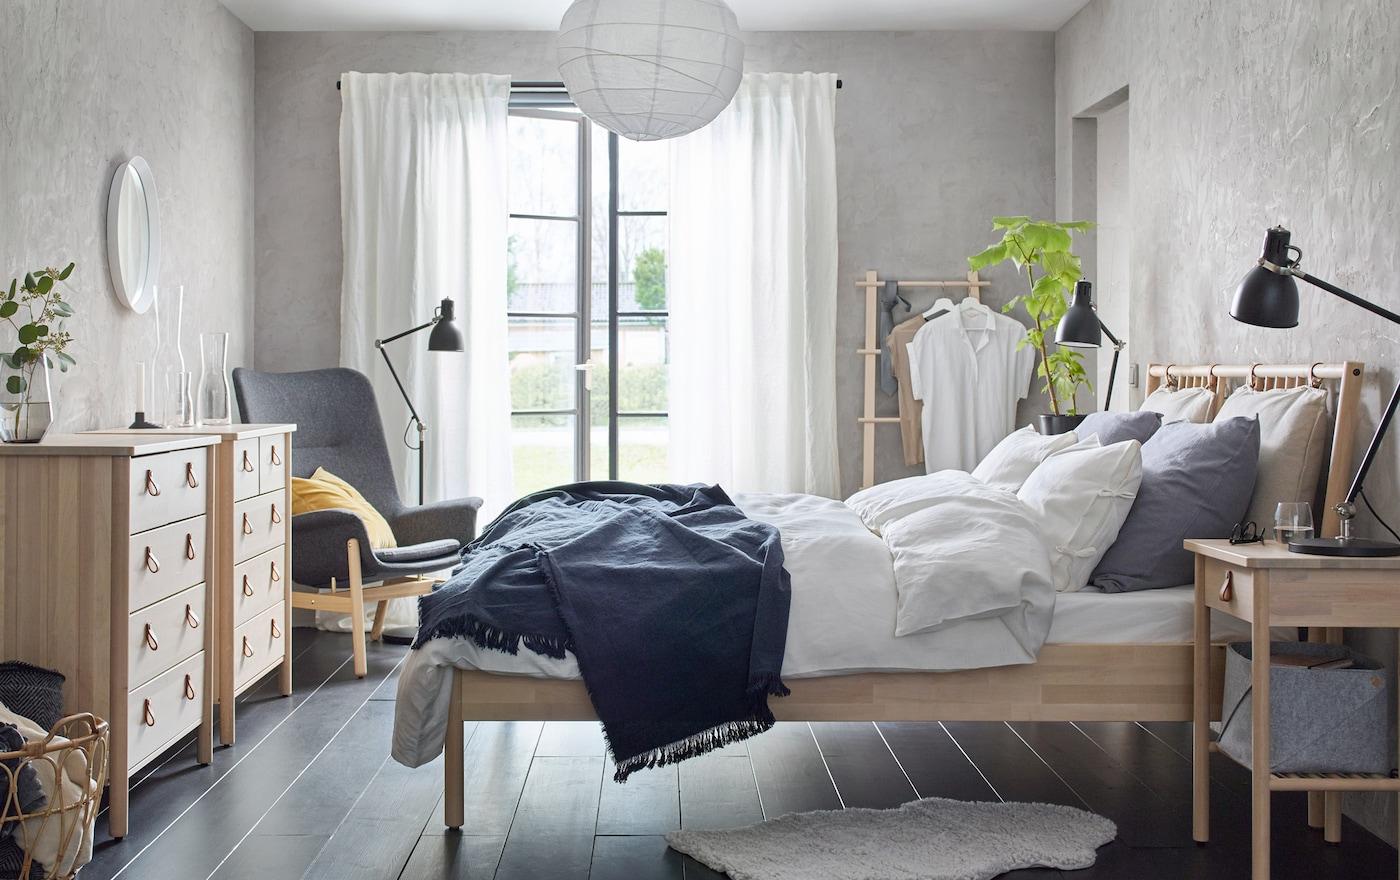 Un dormitorio beige y gris con nuestra serie BJÖRKSNÄS de cama, mesita de noche y cómoda de 5 cajones de madera maciza de abedul.